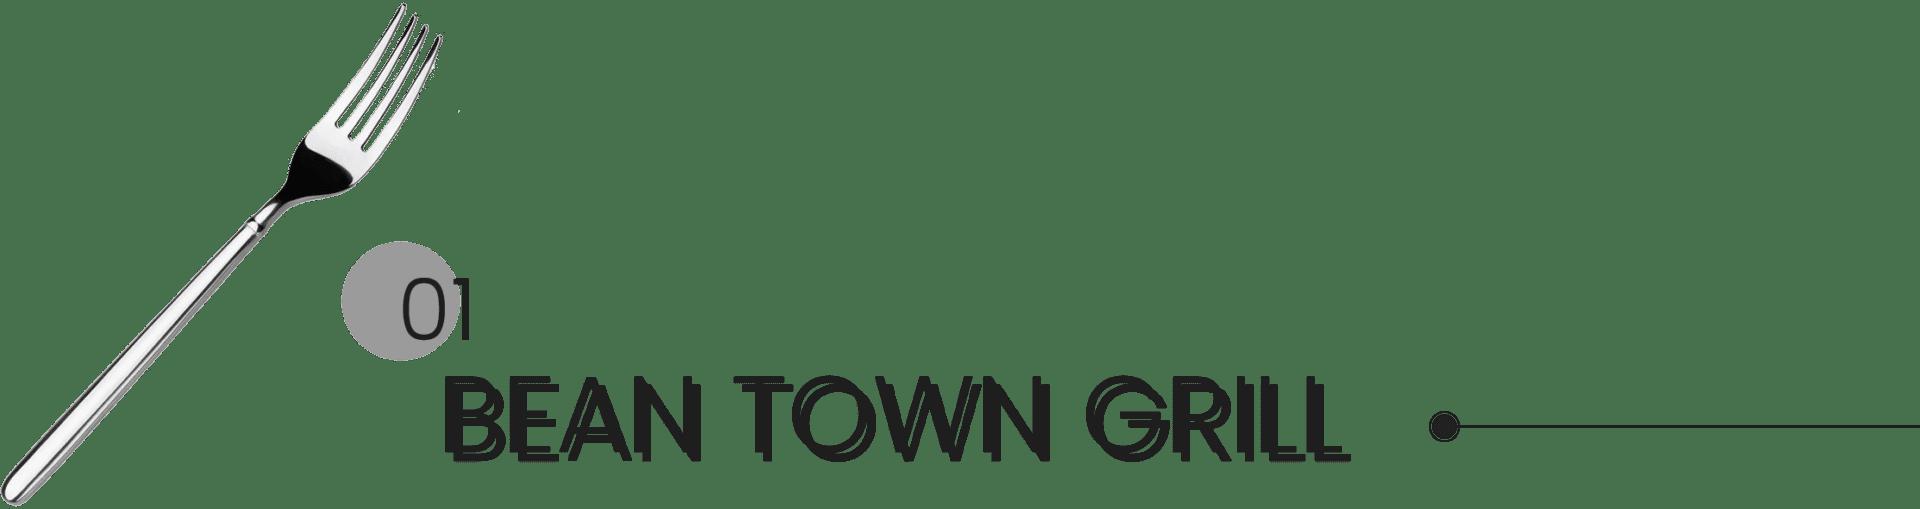 Bean Town Grill